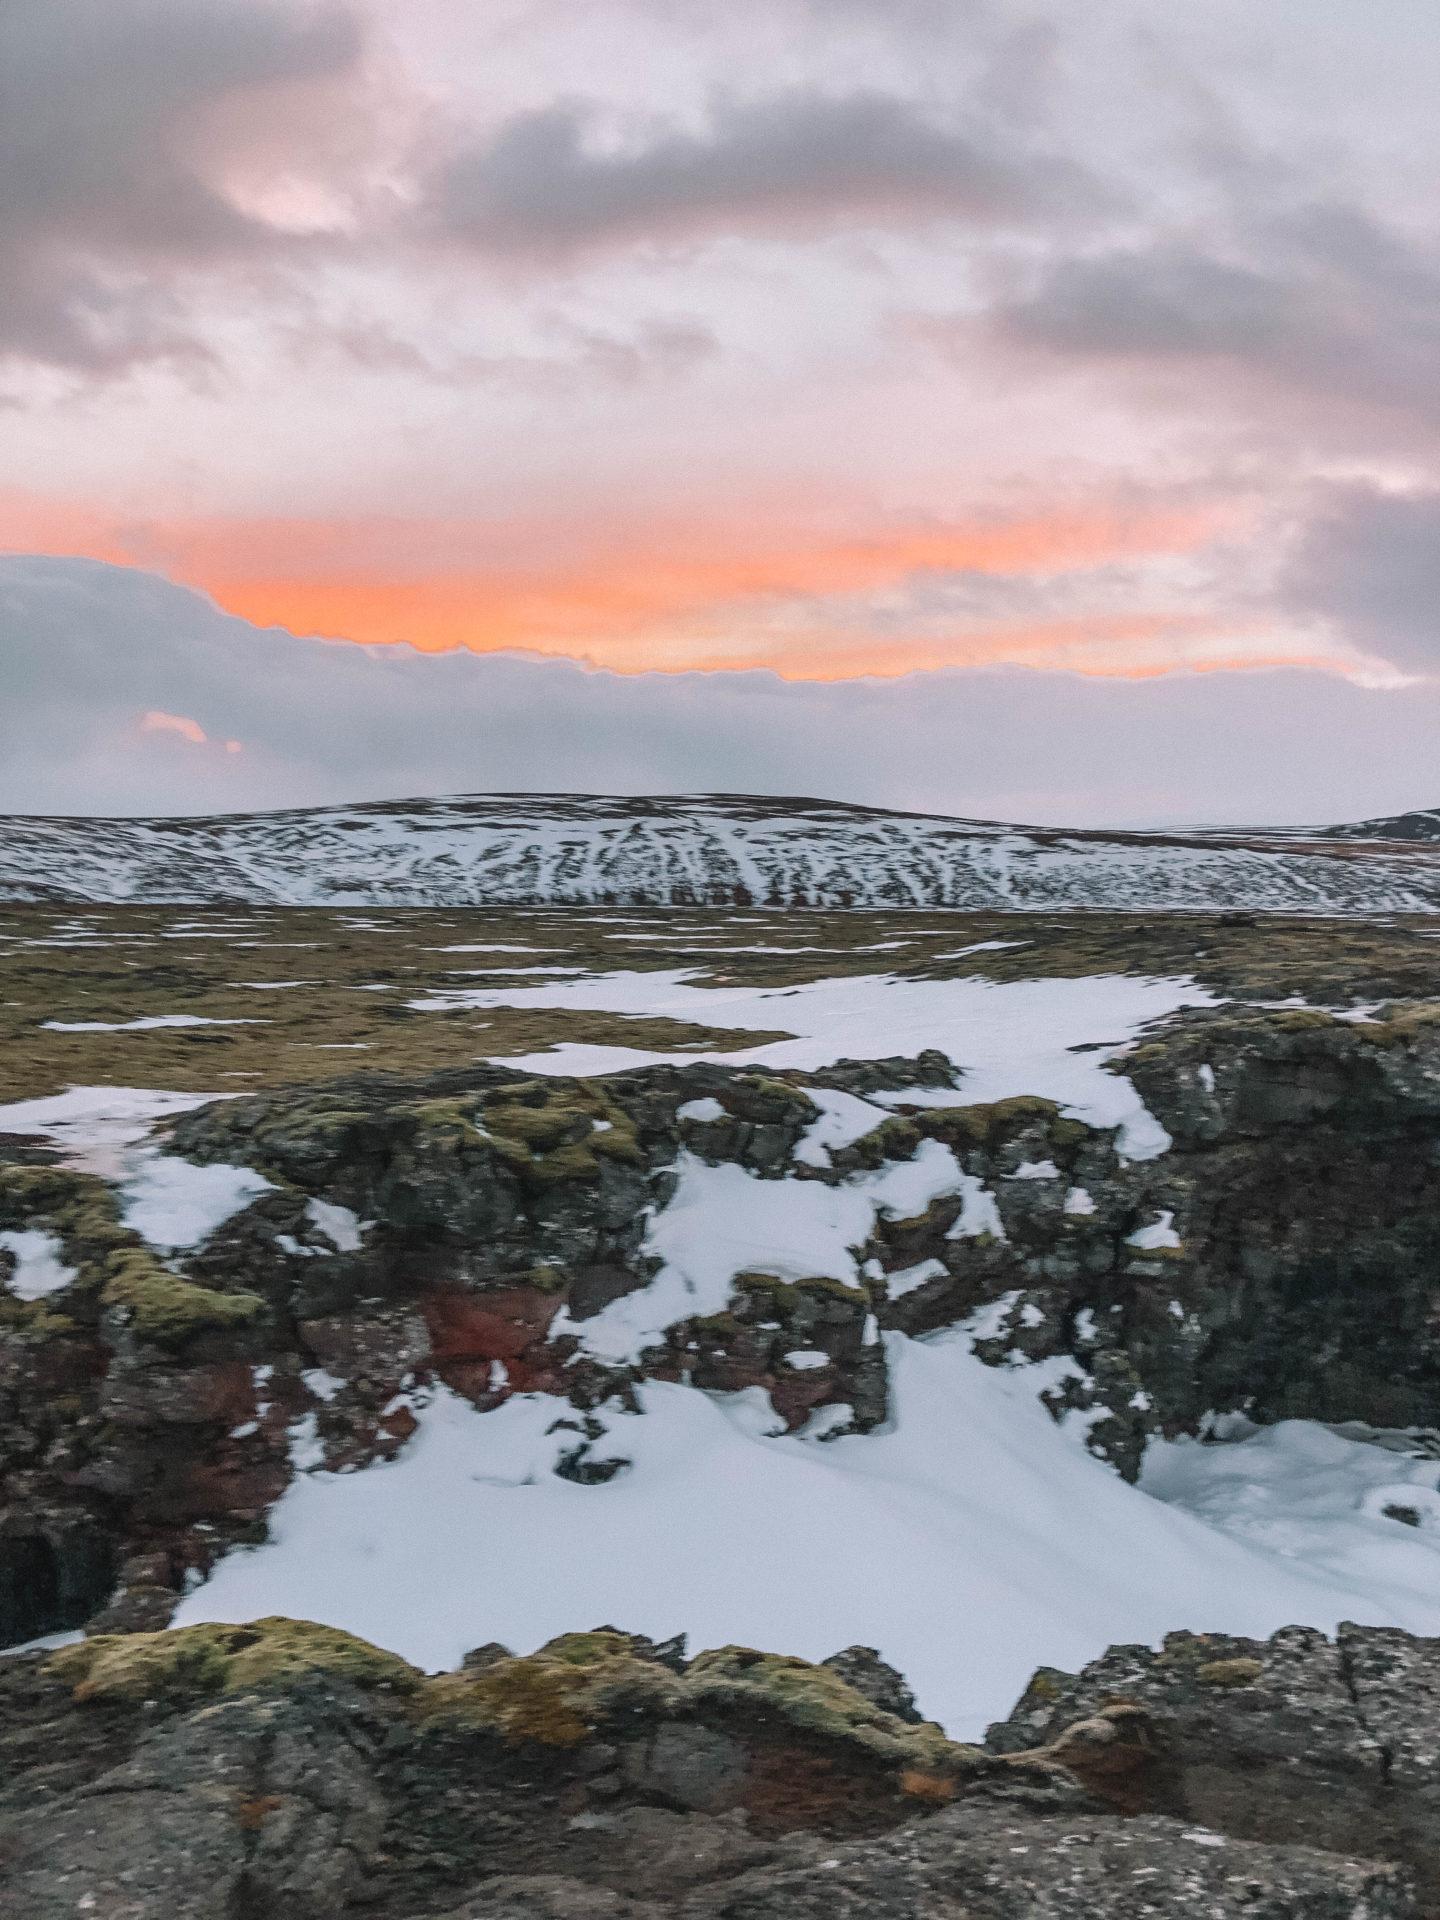 Coucher de soleil Islande - Blondie Baby blog mode et voyages